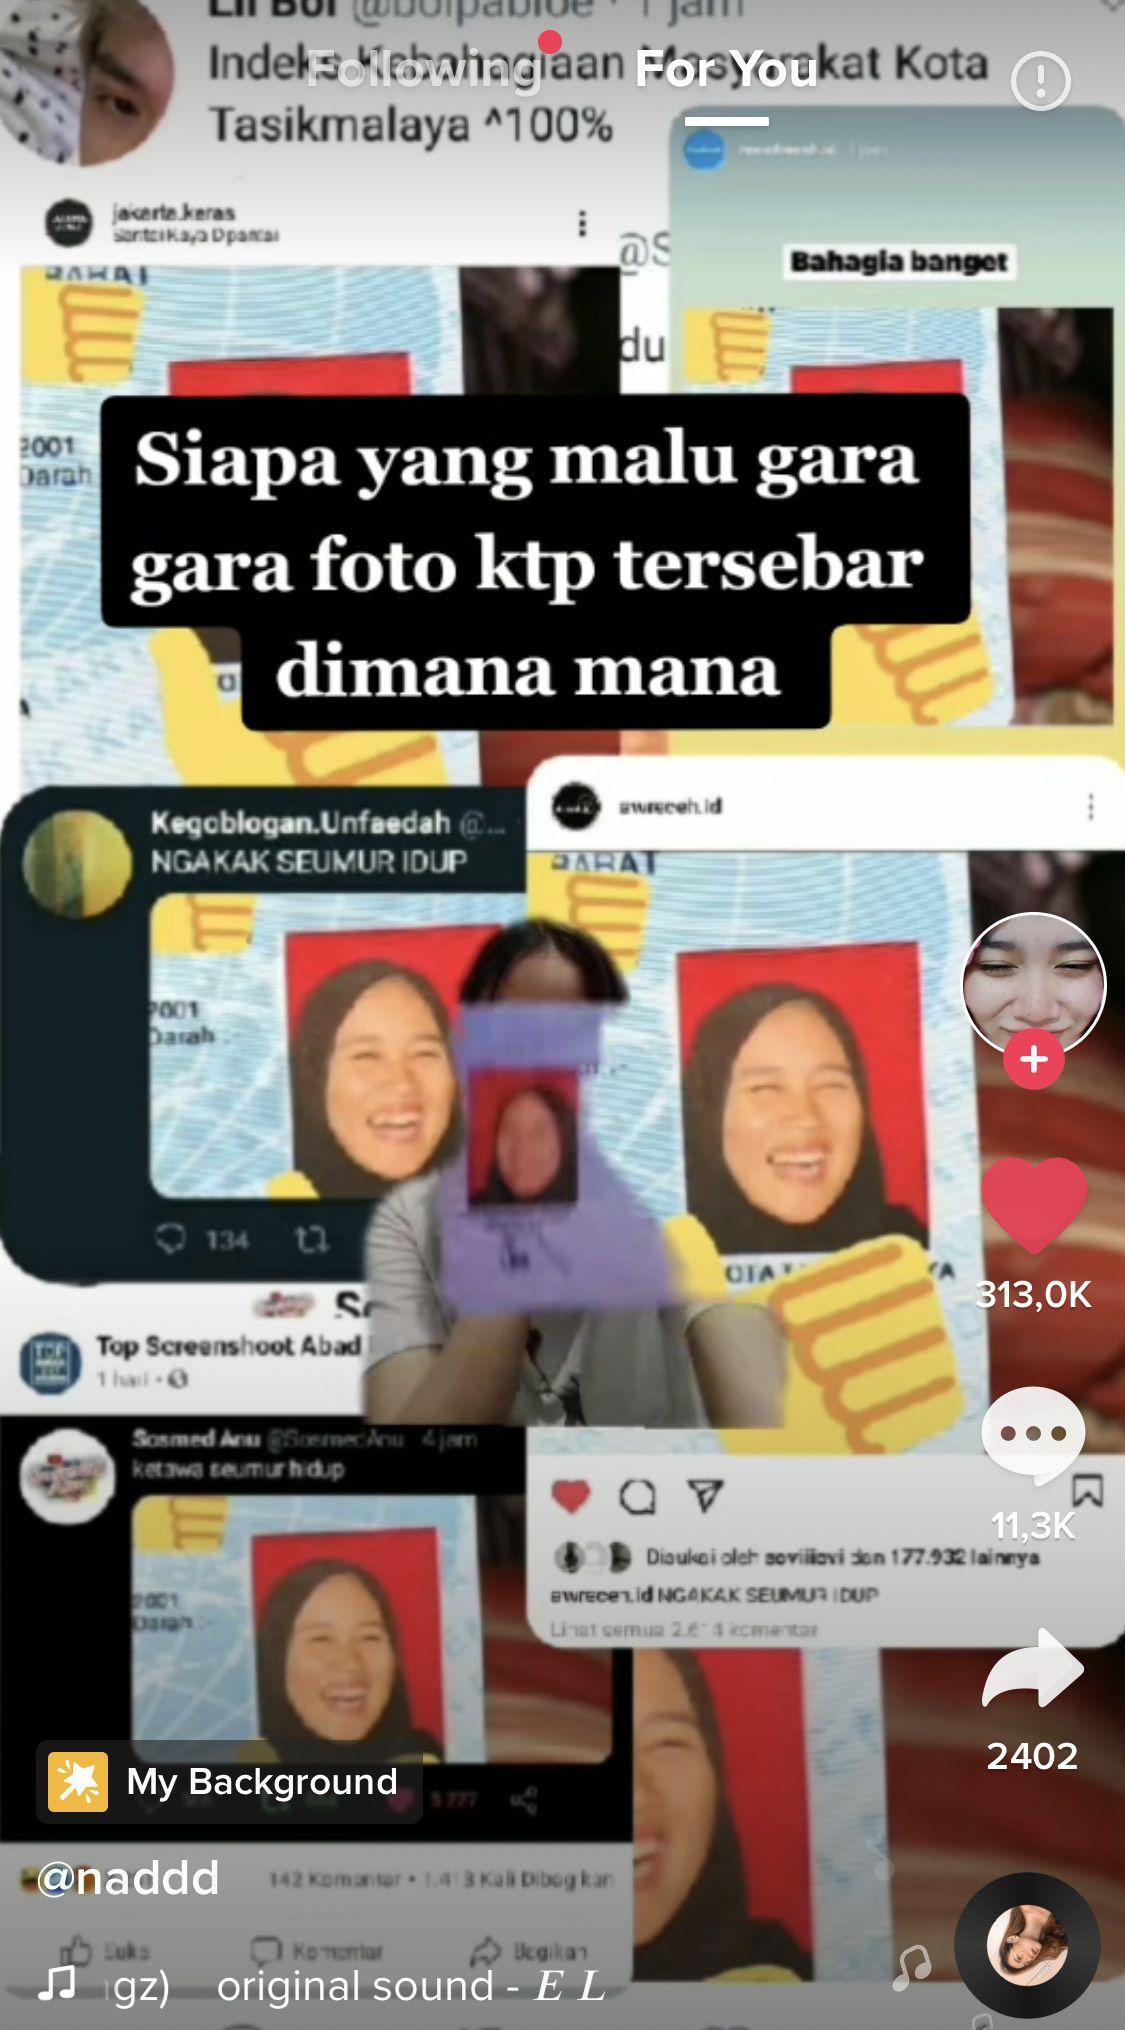 Nadila suhendar yang viral karena foto ktpnya yang tampak sedang tertawa